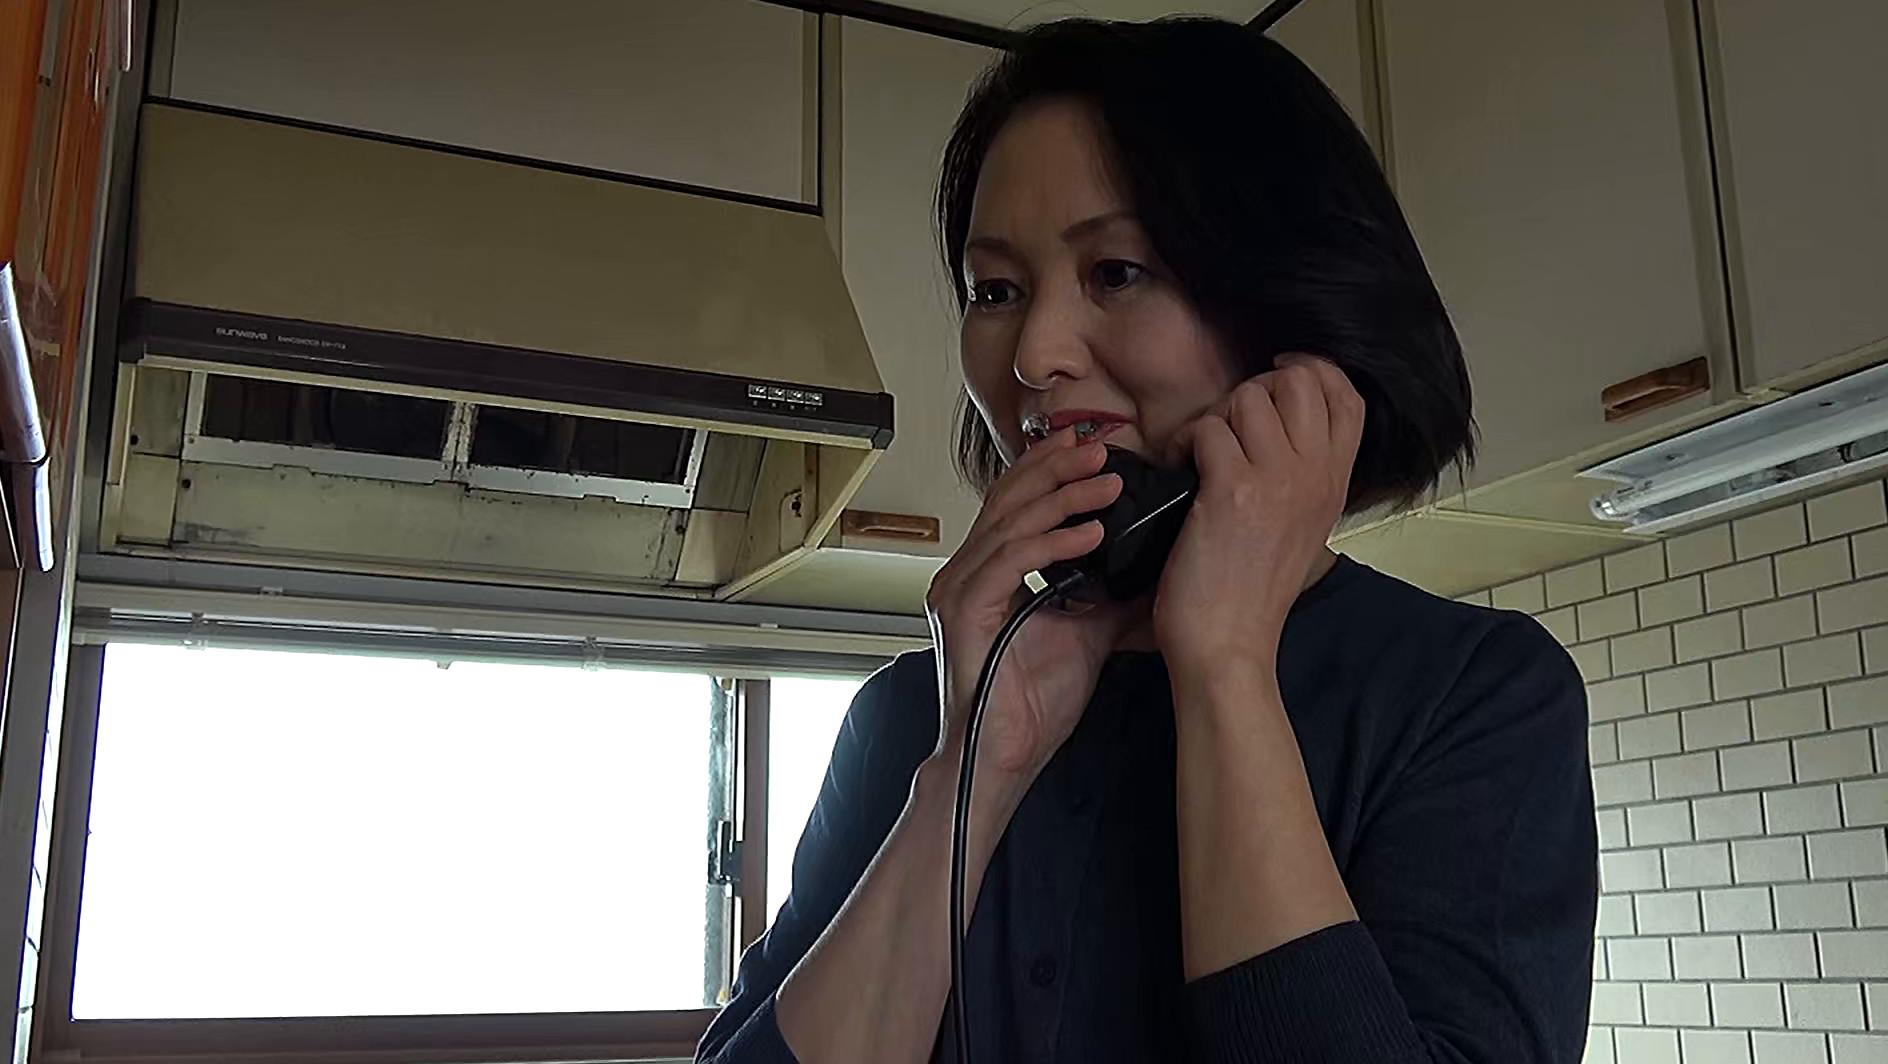 昭和猥褻官能ドラマ 明日、東京に引越しする憧れていた同級生を呼び出して・・・ 心優しい先生は教え子のお父さんに無理やり・・・ 画像1